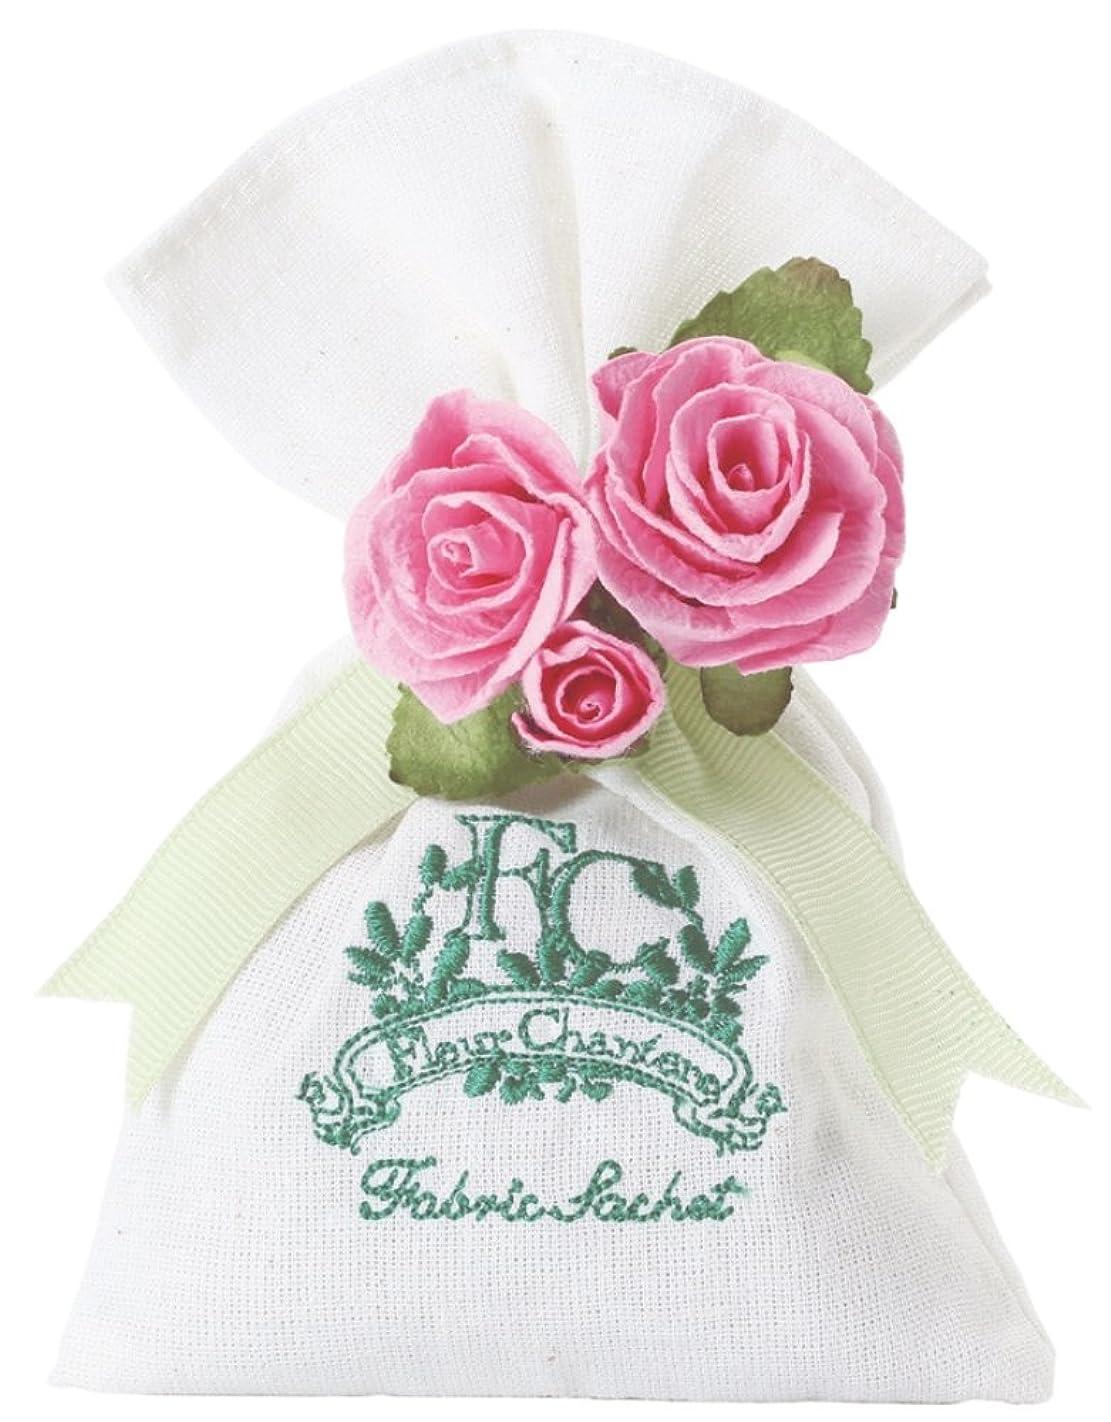 邪魔権限貞芳香剤 フルールシャンテ カルム ファブリックサシェ スウィートローズ OA-RZS-3-2